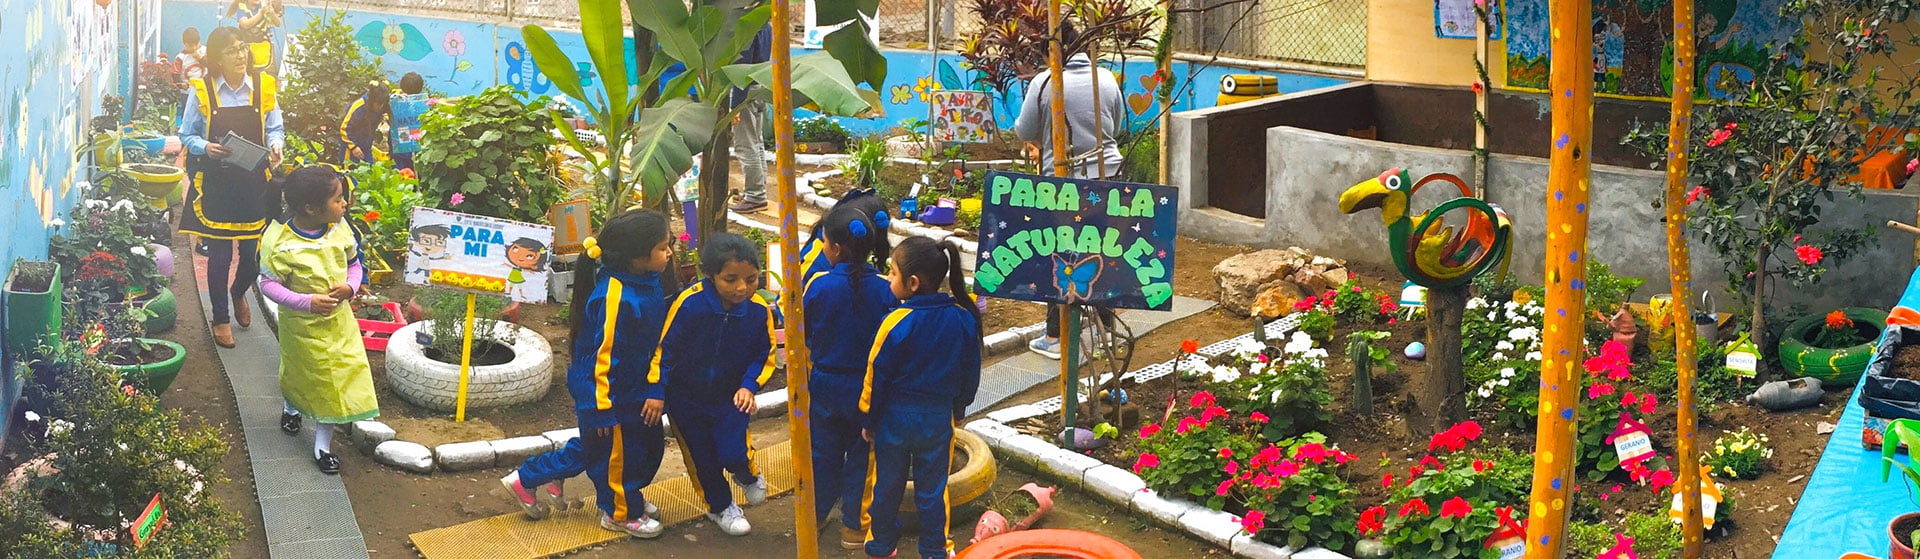 Alunos uniformizados e professores numa TiNi no pátio de uma escola. Há muitas plantas e flores nos canteiros e vasos